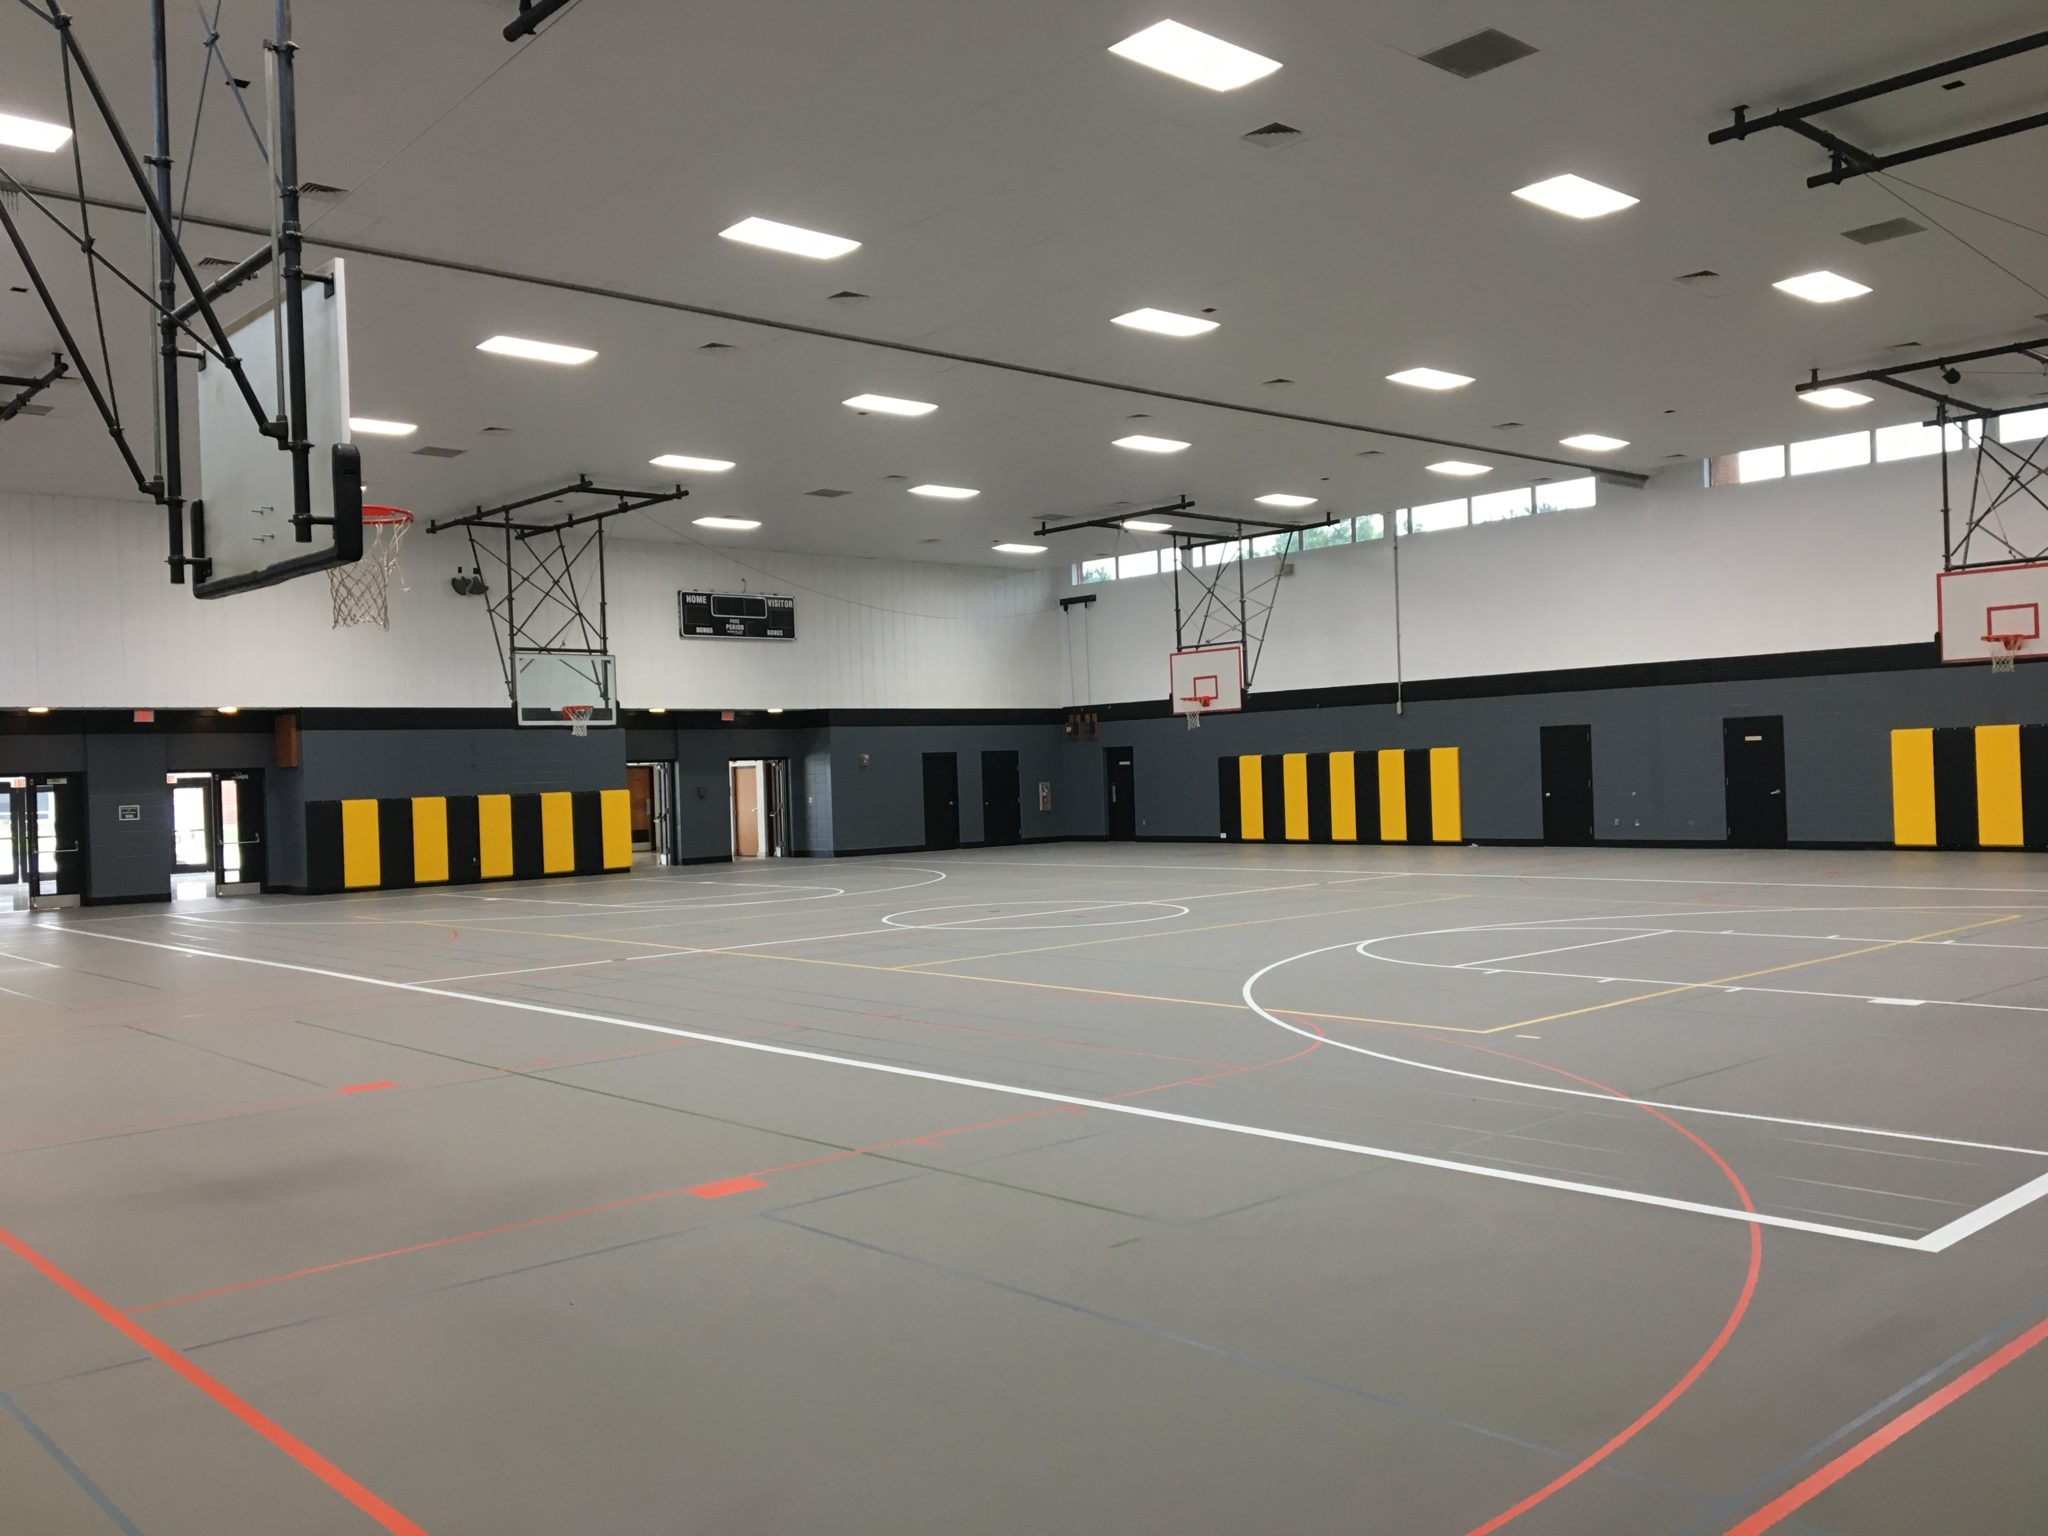 Gym A